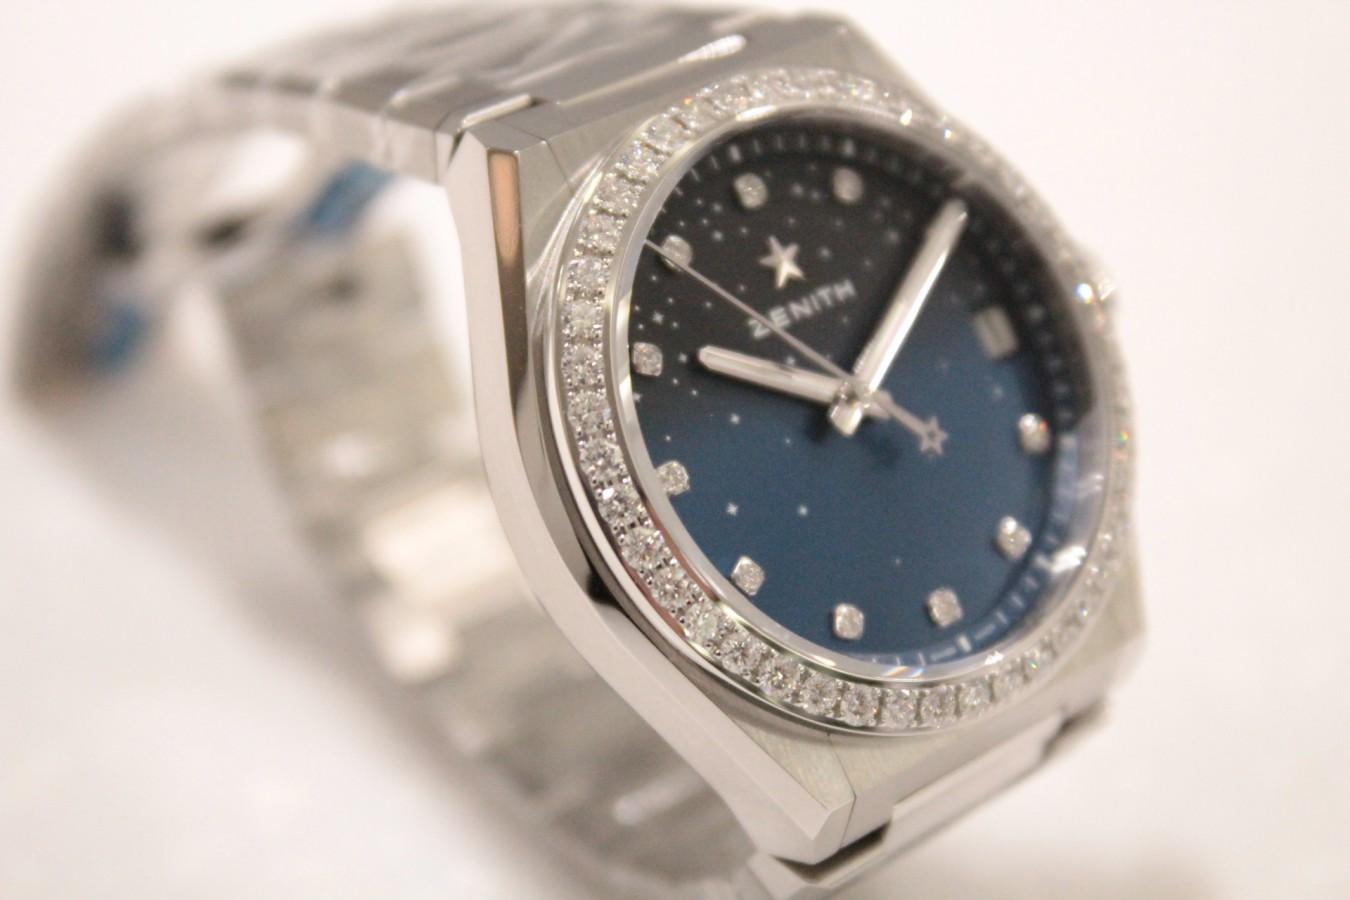 IMG_5146 新作「デファイ ミッドナイト」からダイヤモンドをあしらった綺麗なモデルが入荷しました! - DEFY